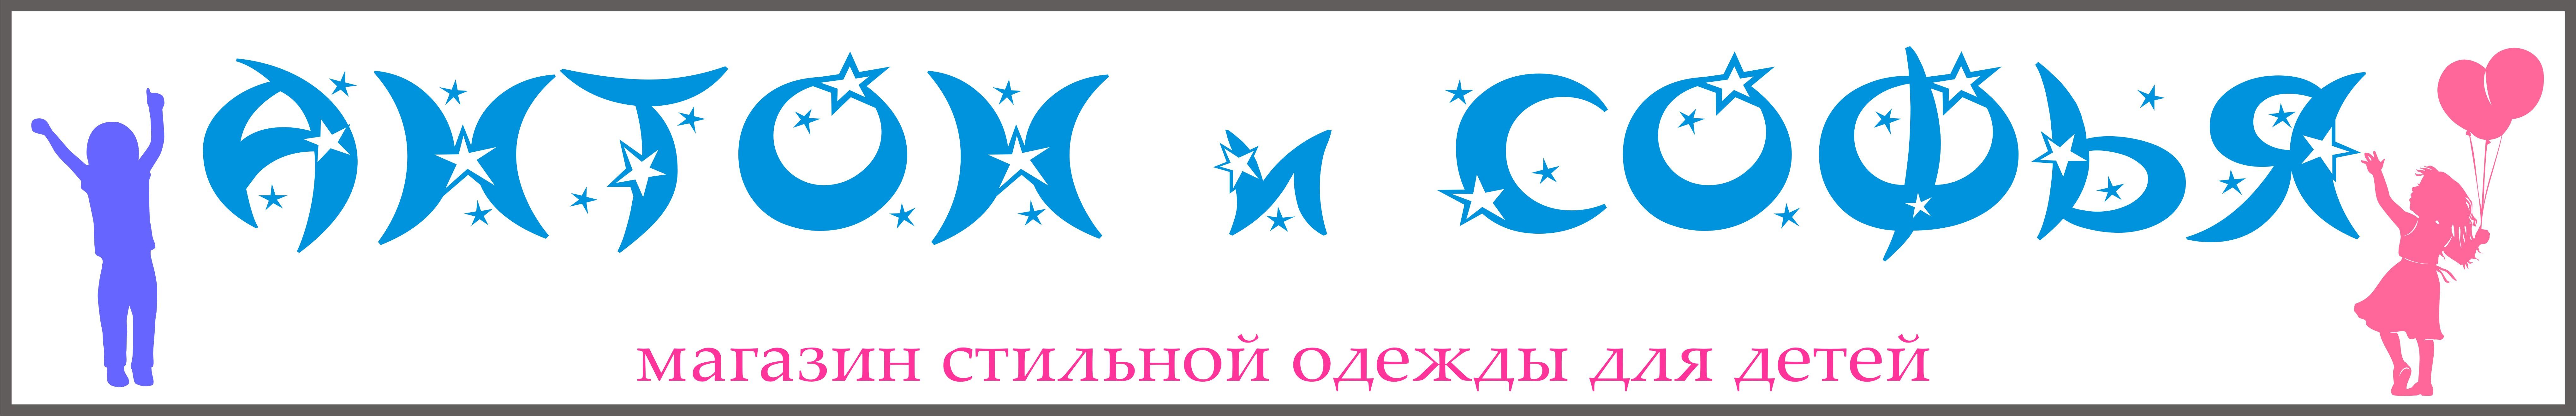 Логотип и вывеска для магазина детской одежды фото f_4c84ff2e84b14.jpg